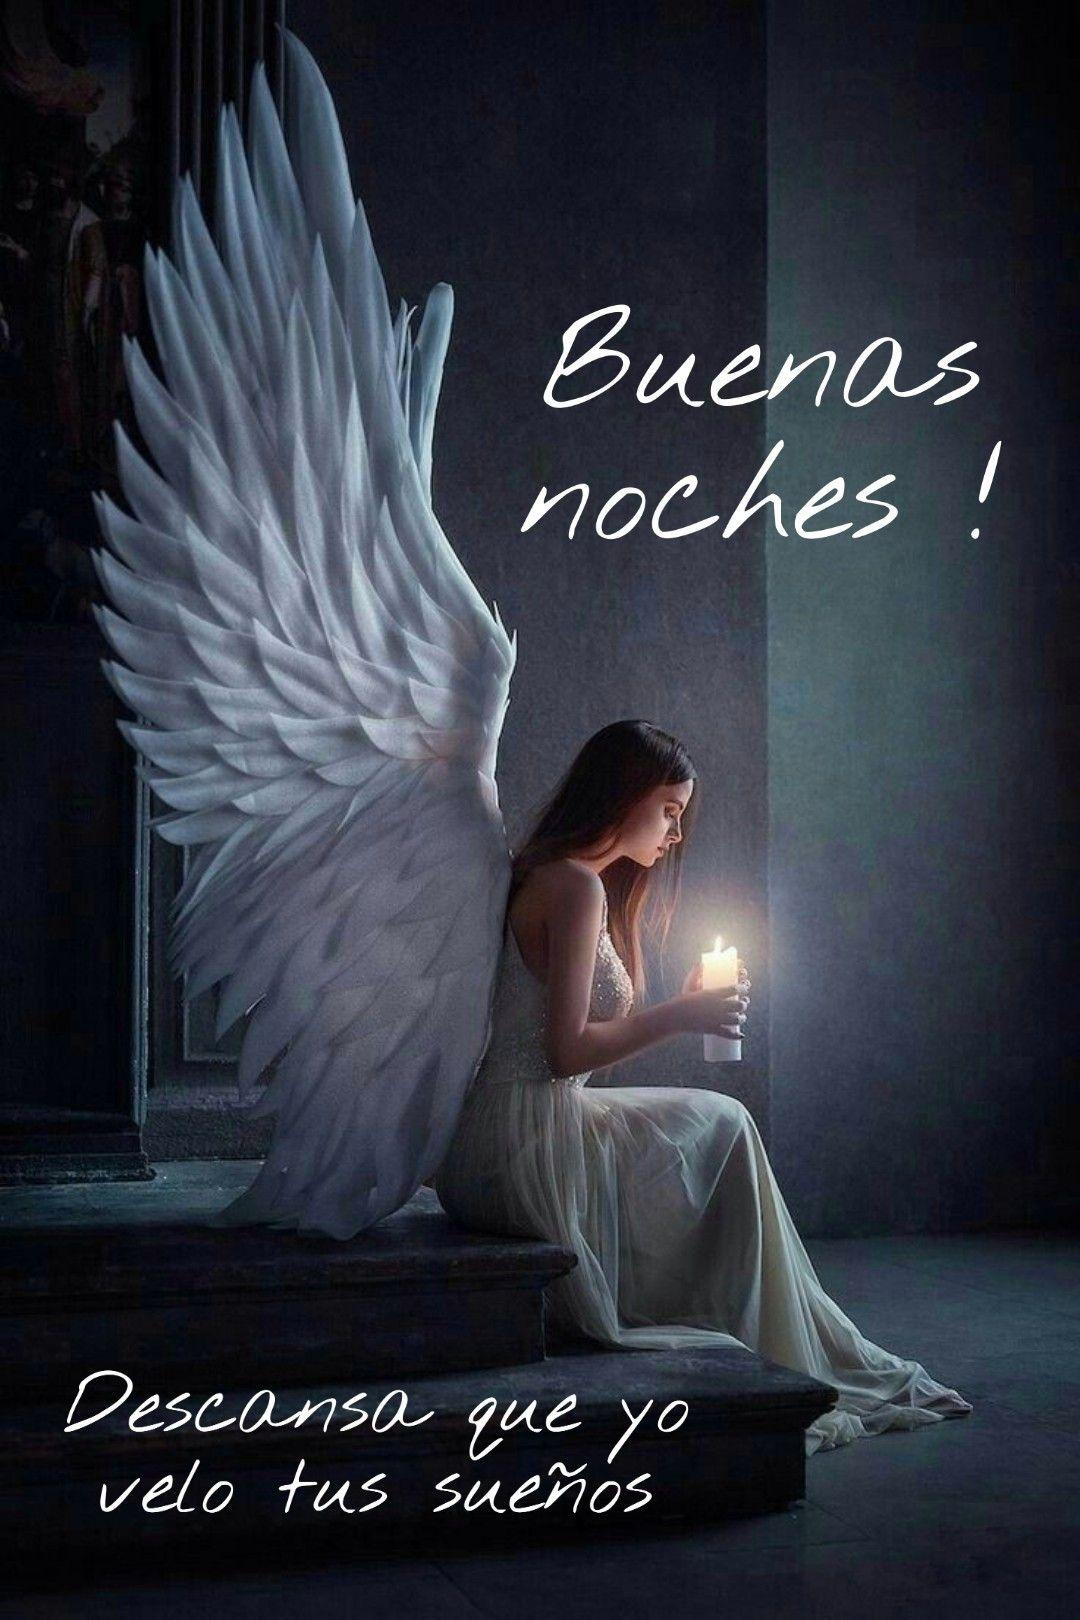 Buenas Noches Pensamientos De Buenas Noches Imagenes De Buenas Noches Buenas Noches Frases